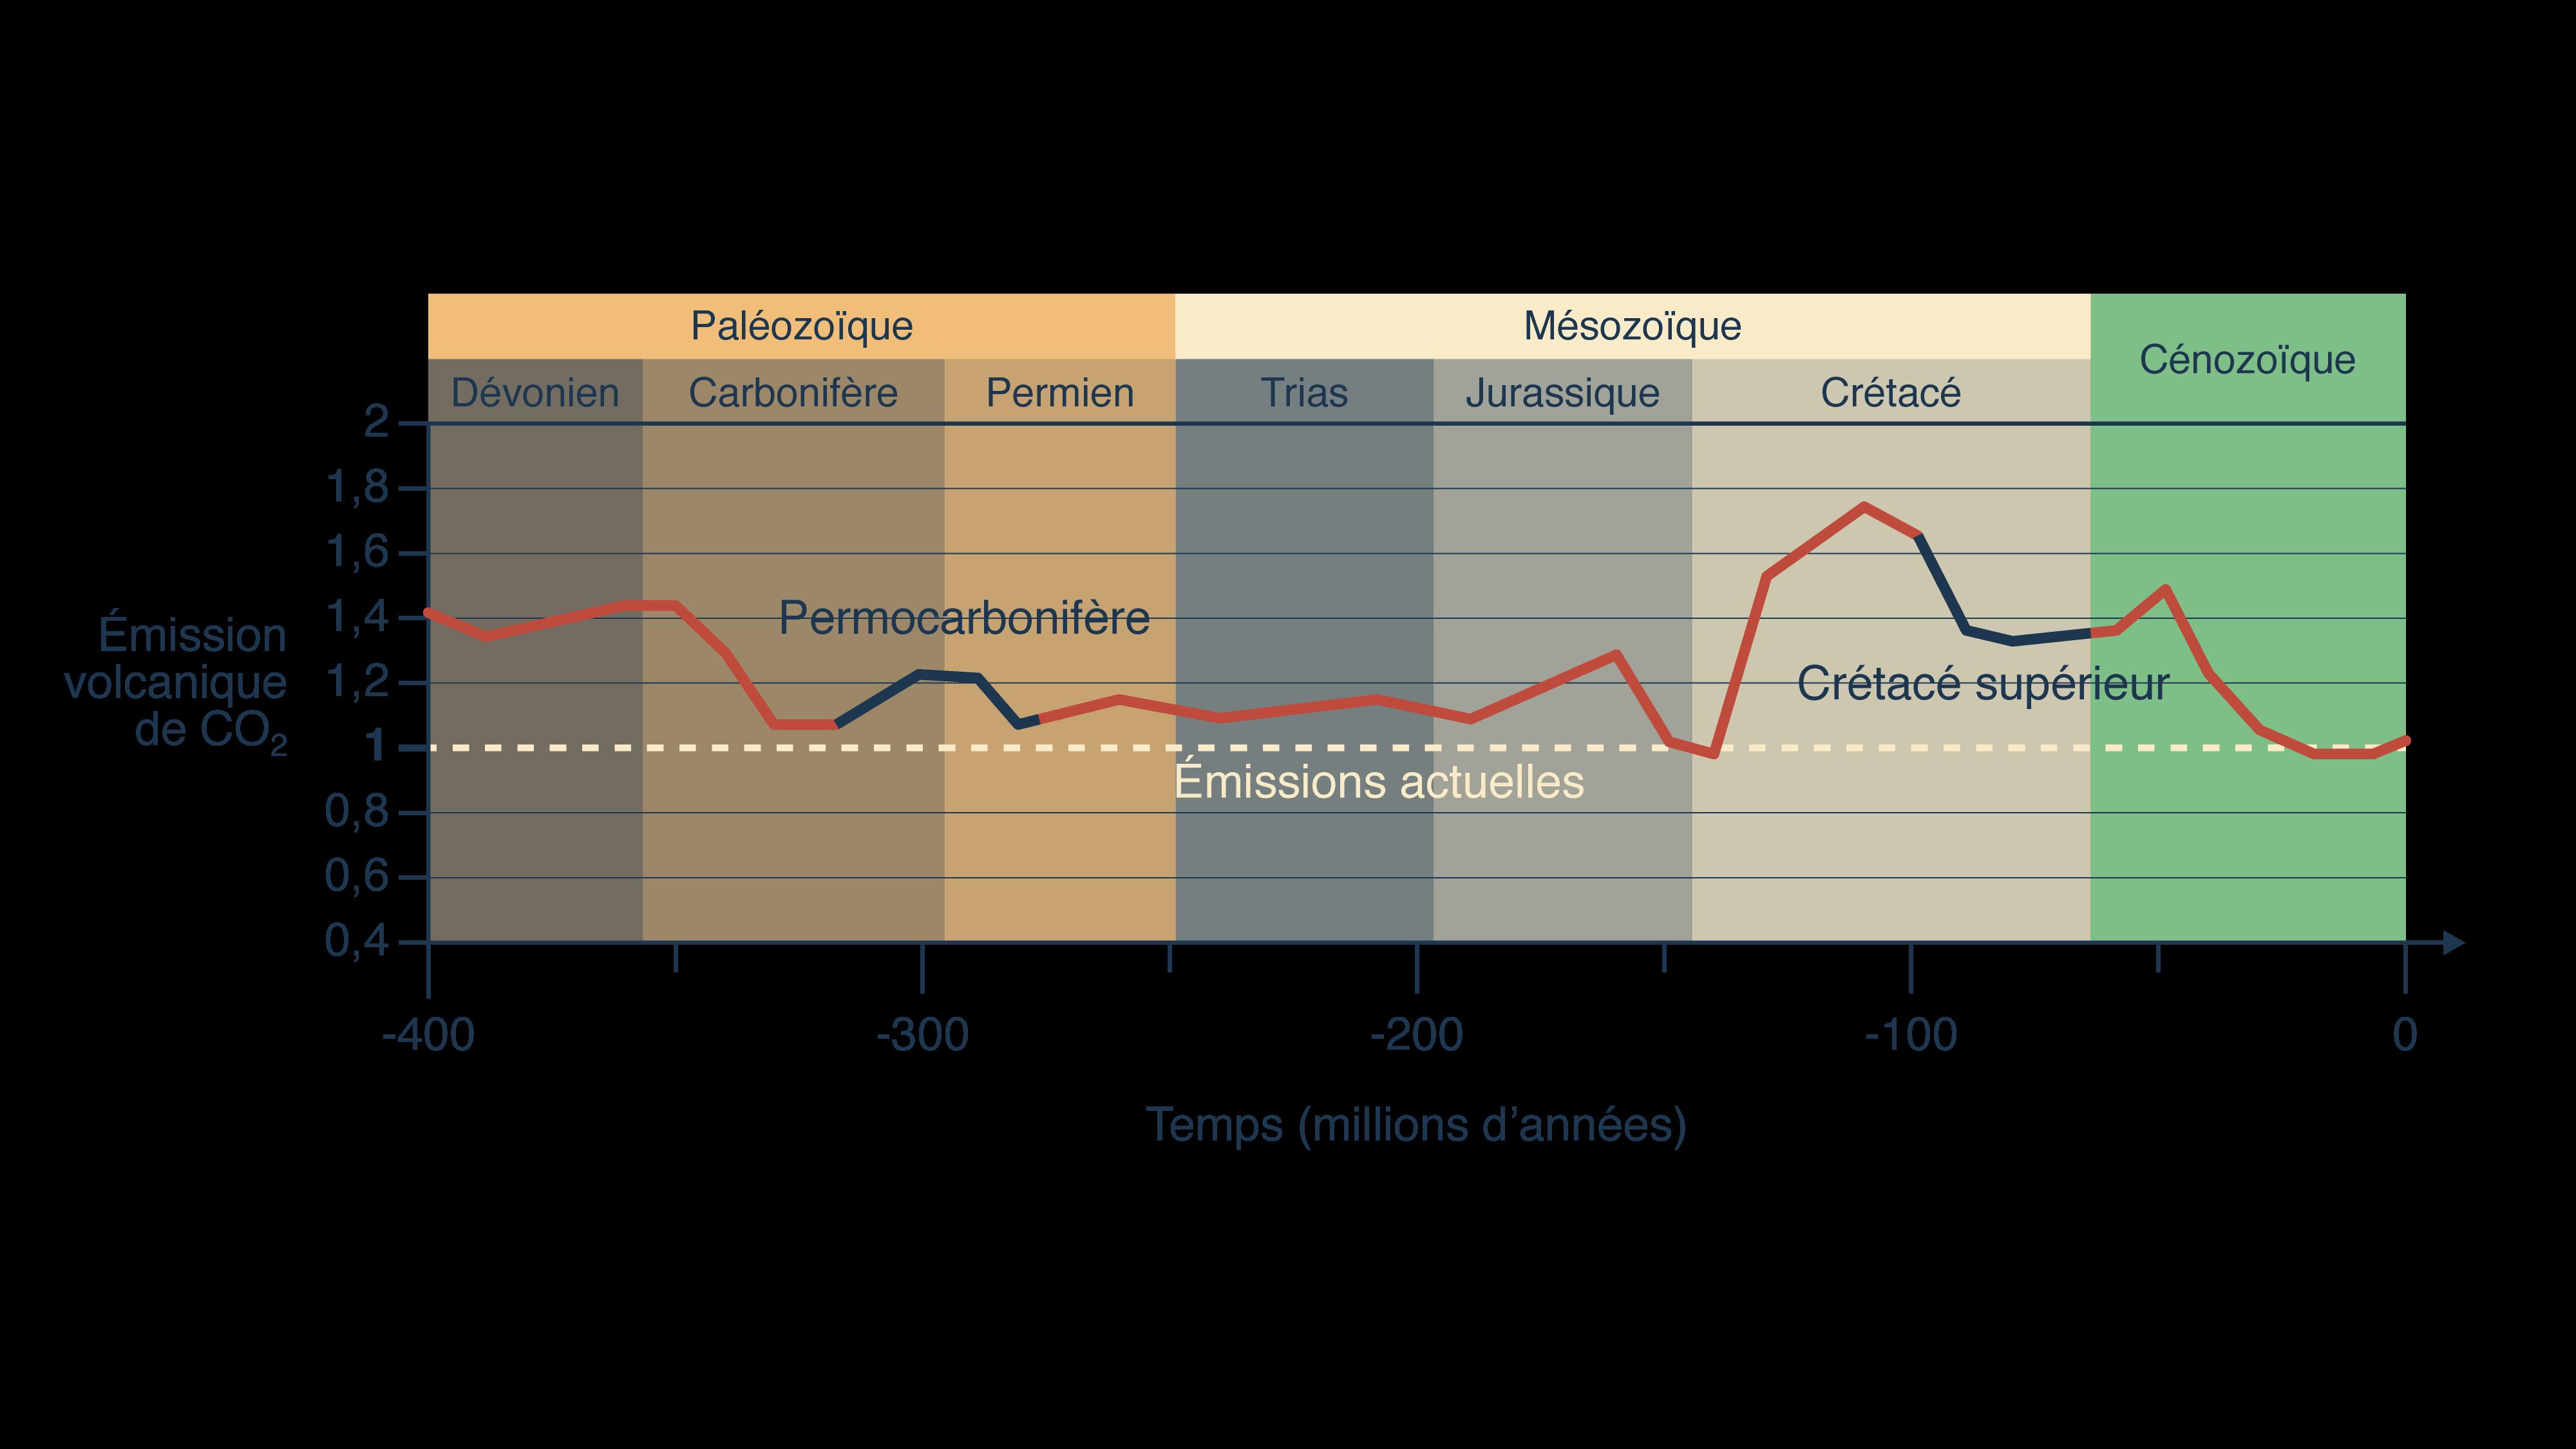 Evolution dans le temps des émissions volcaniques de dioxyde de carbone